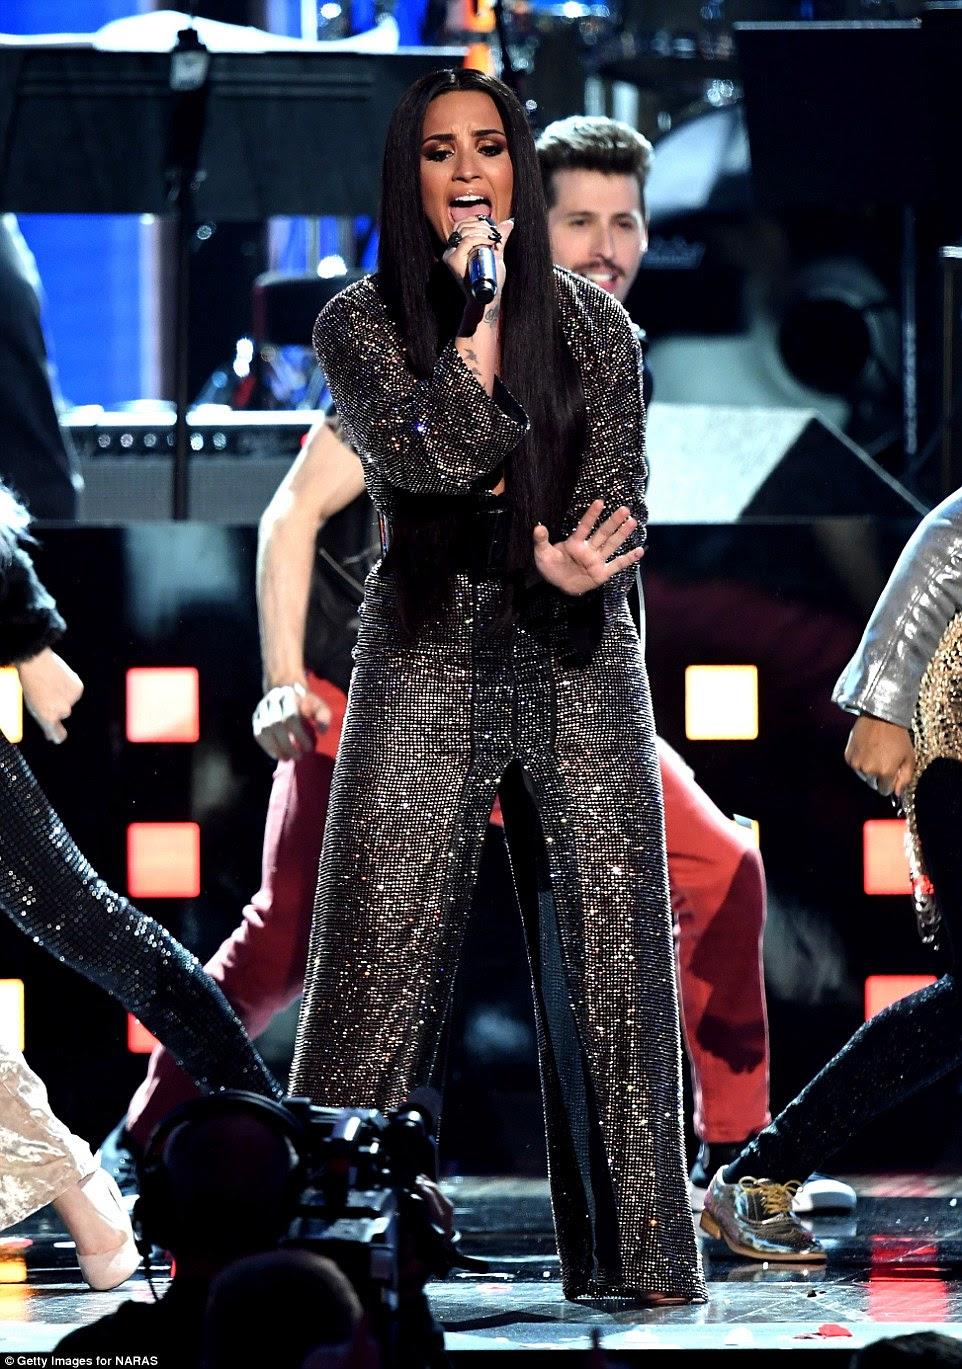 Liderando o pacote: Demi Lovato deu início a uma homenagem aos Bee Gees